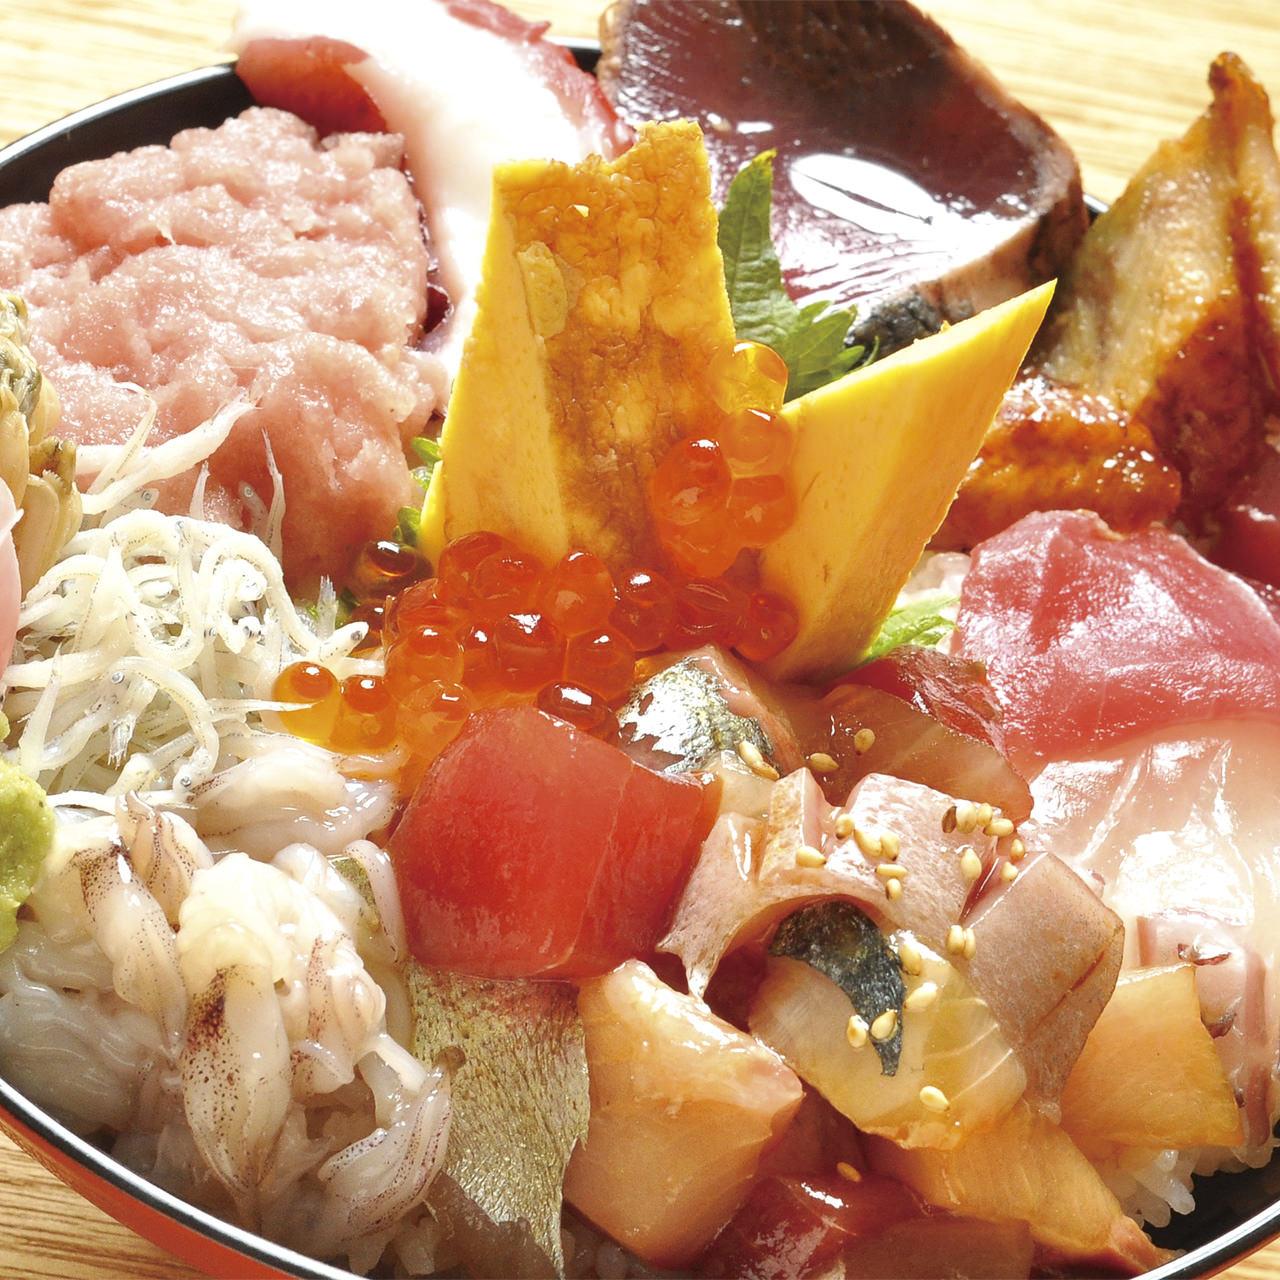 【絶品!】大阪で食べられるオススメの海鮮丼提供店【4選】!のサムネイル画像